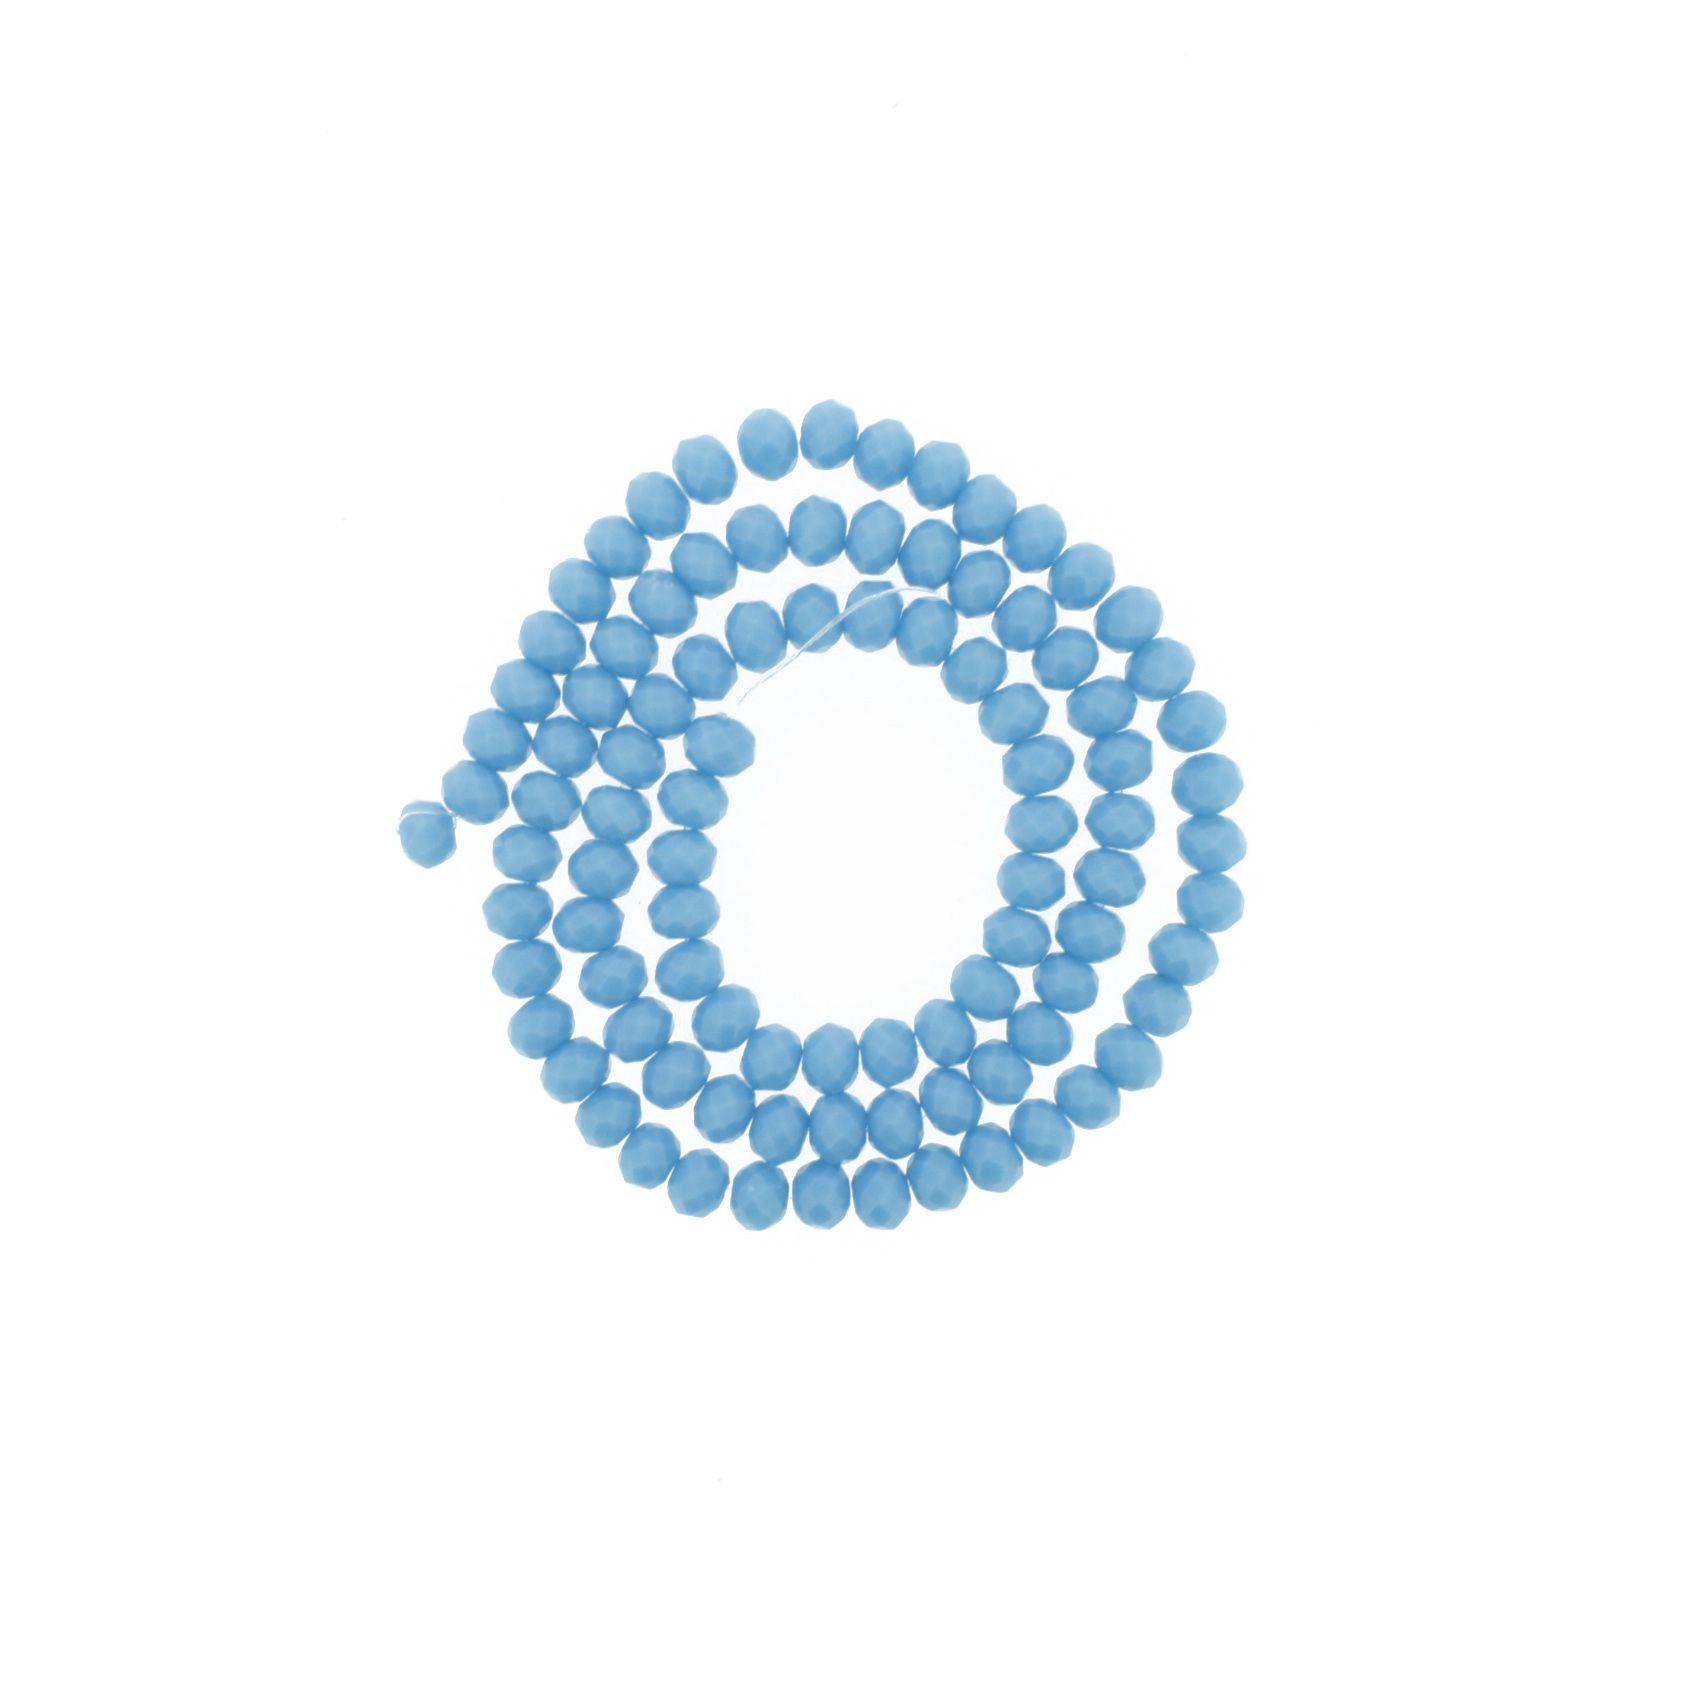 Fio de Cristal - Flat® - Azul Claro - 6mm  - Stéphanie Bijoux® - Peças para Bijuterias e Artesanato